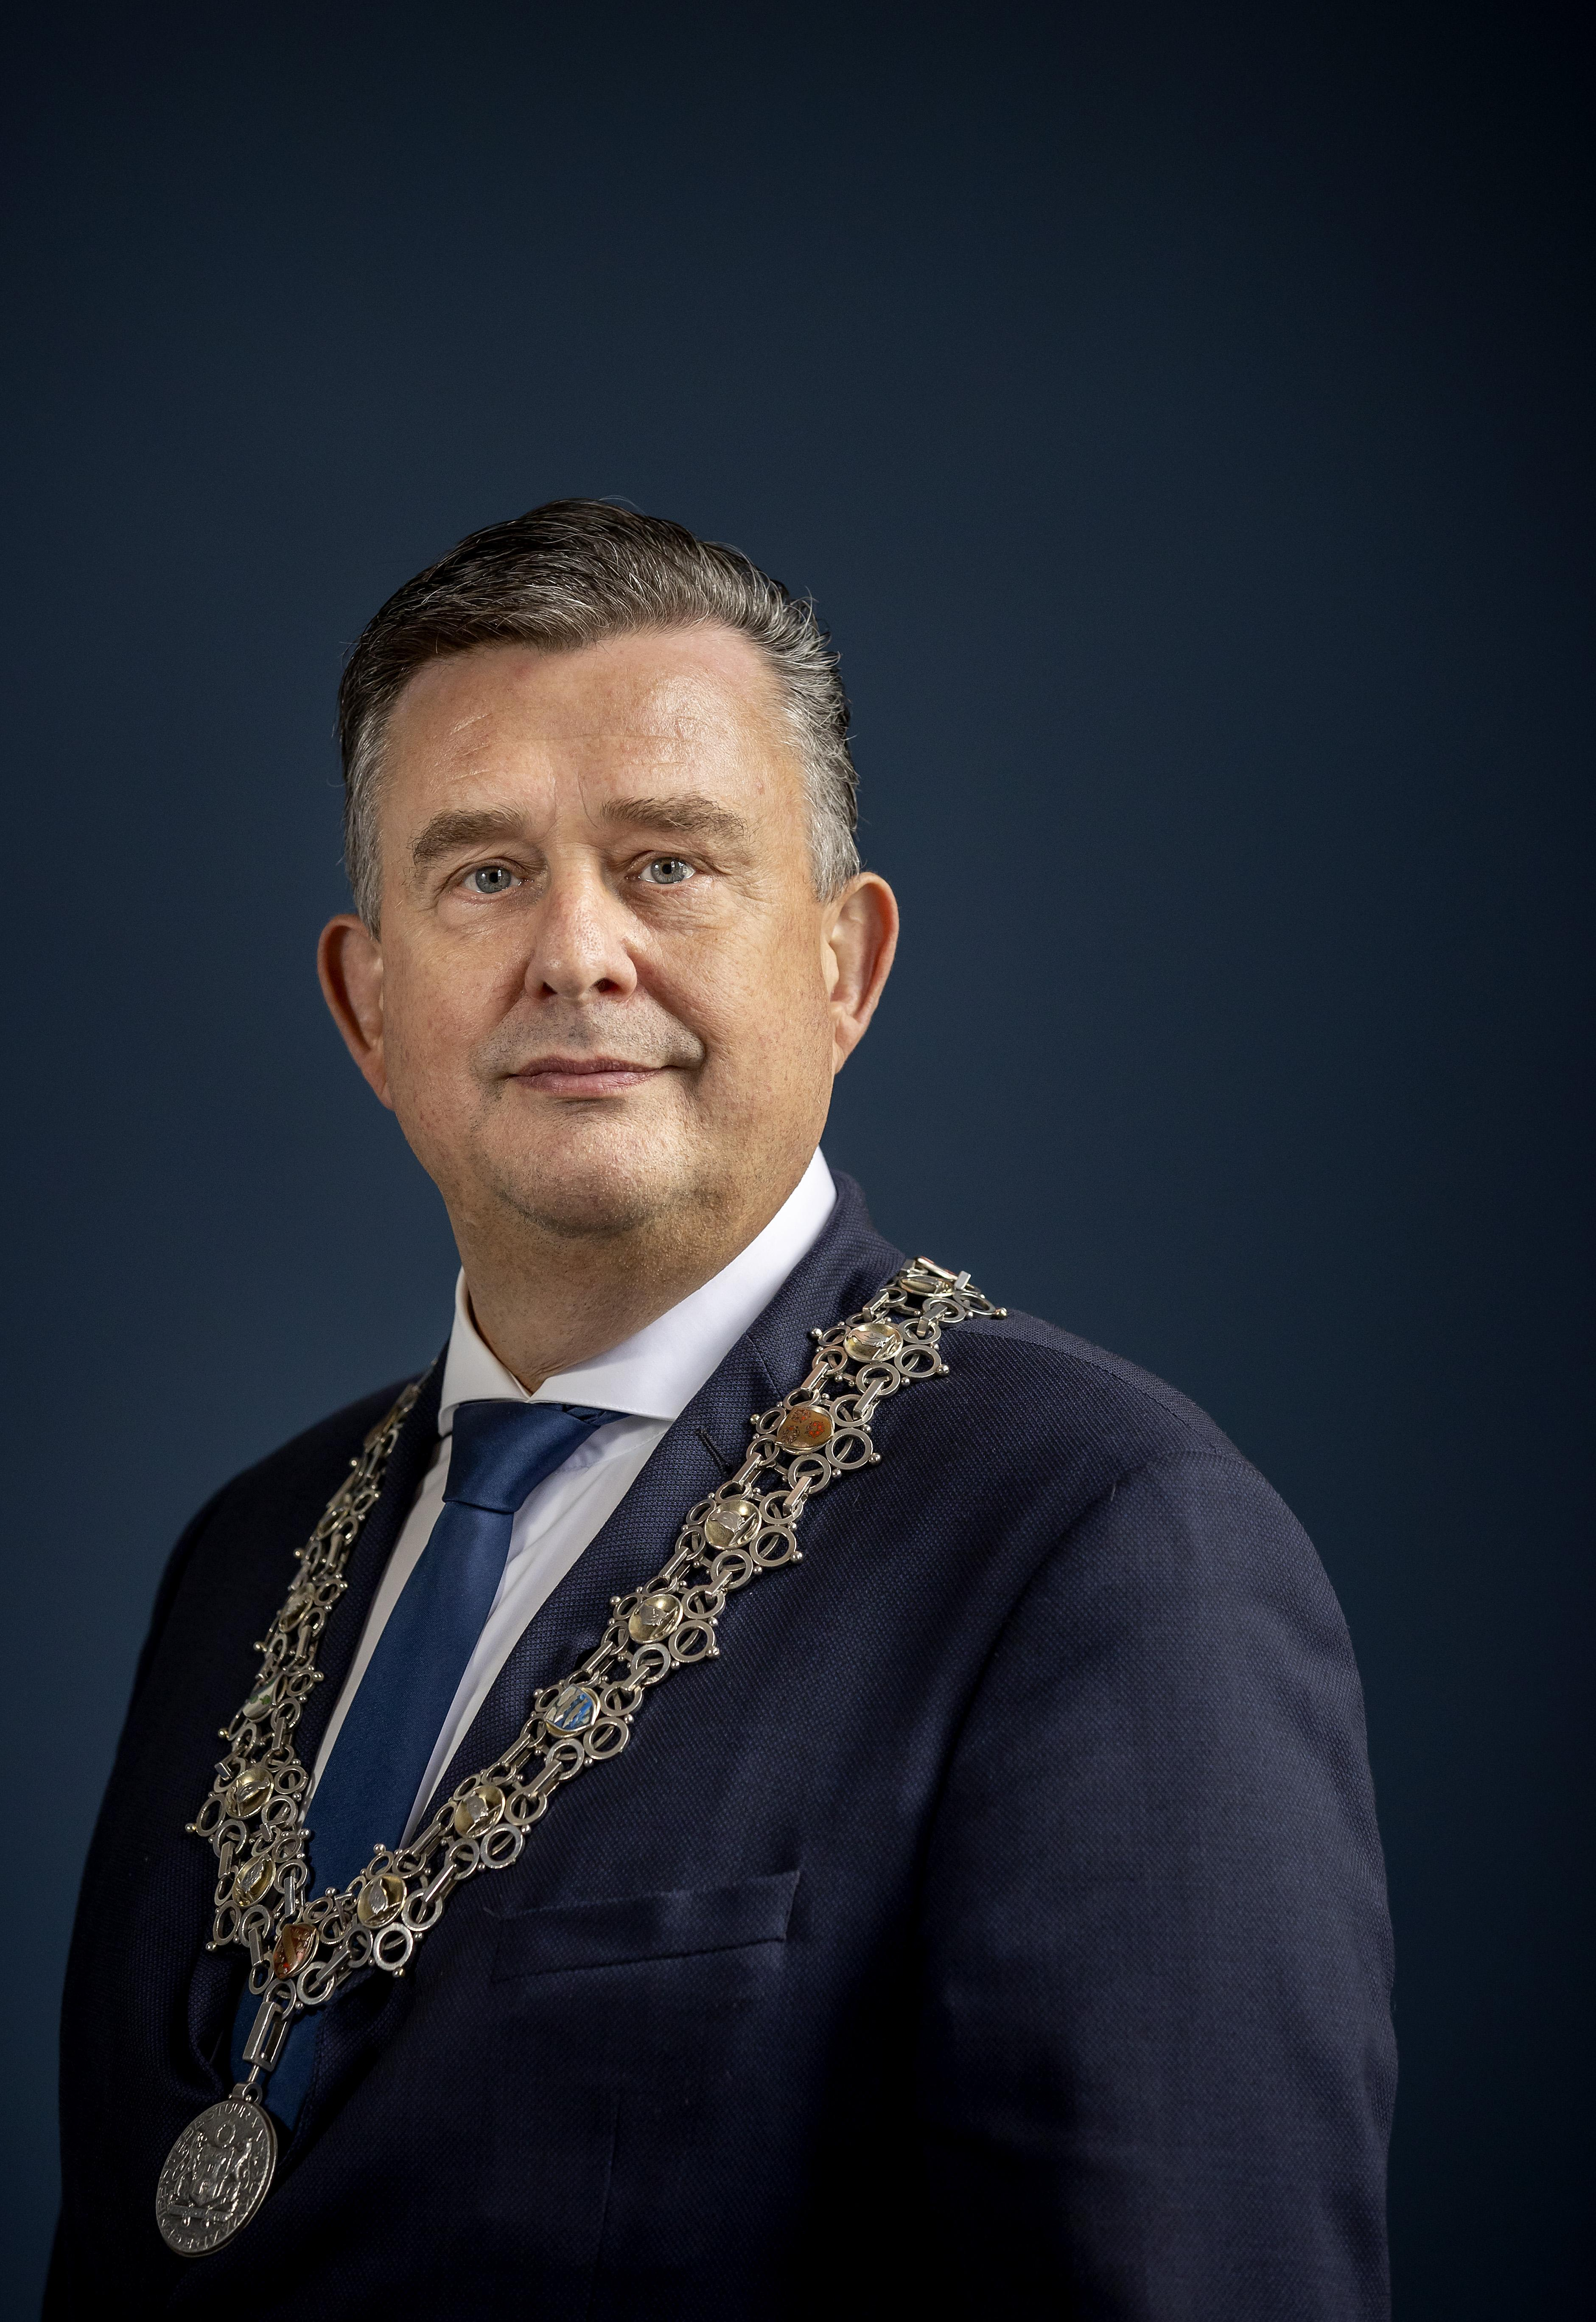 Nieuwe voorzitter Veiligheidsregio Emile Roemer noemt corona-situatie ongelooflijk ernstig. 'Ga alsjeblieft geen Sint Maarten vieren'